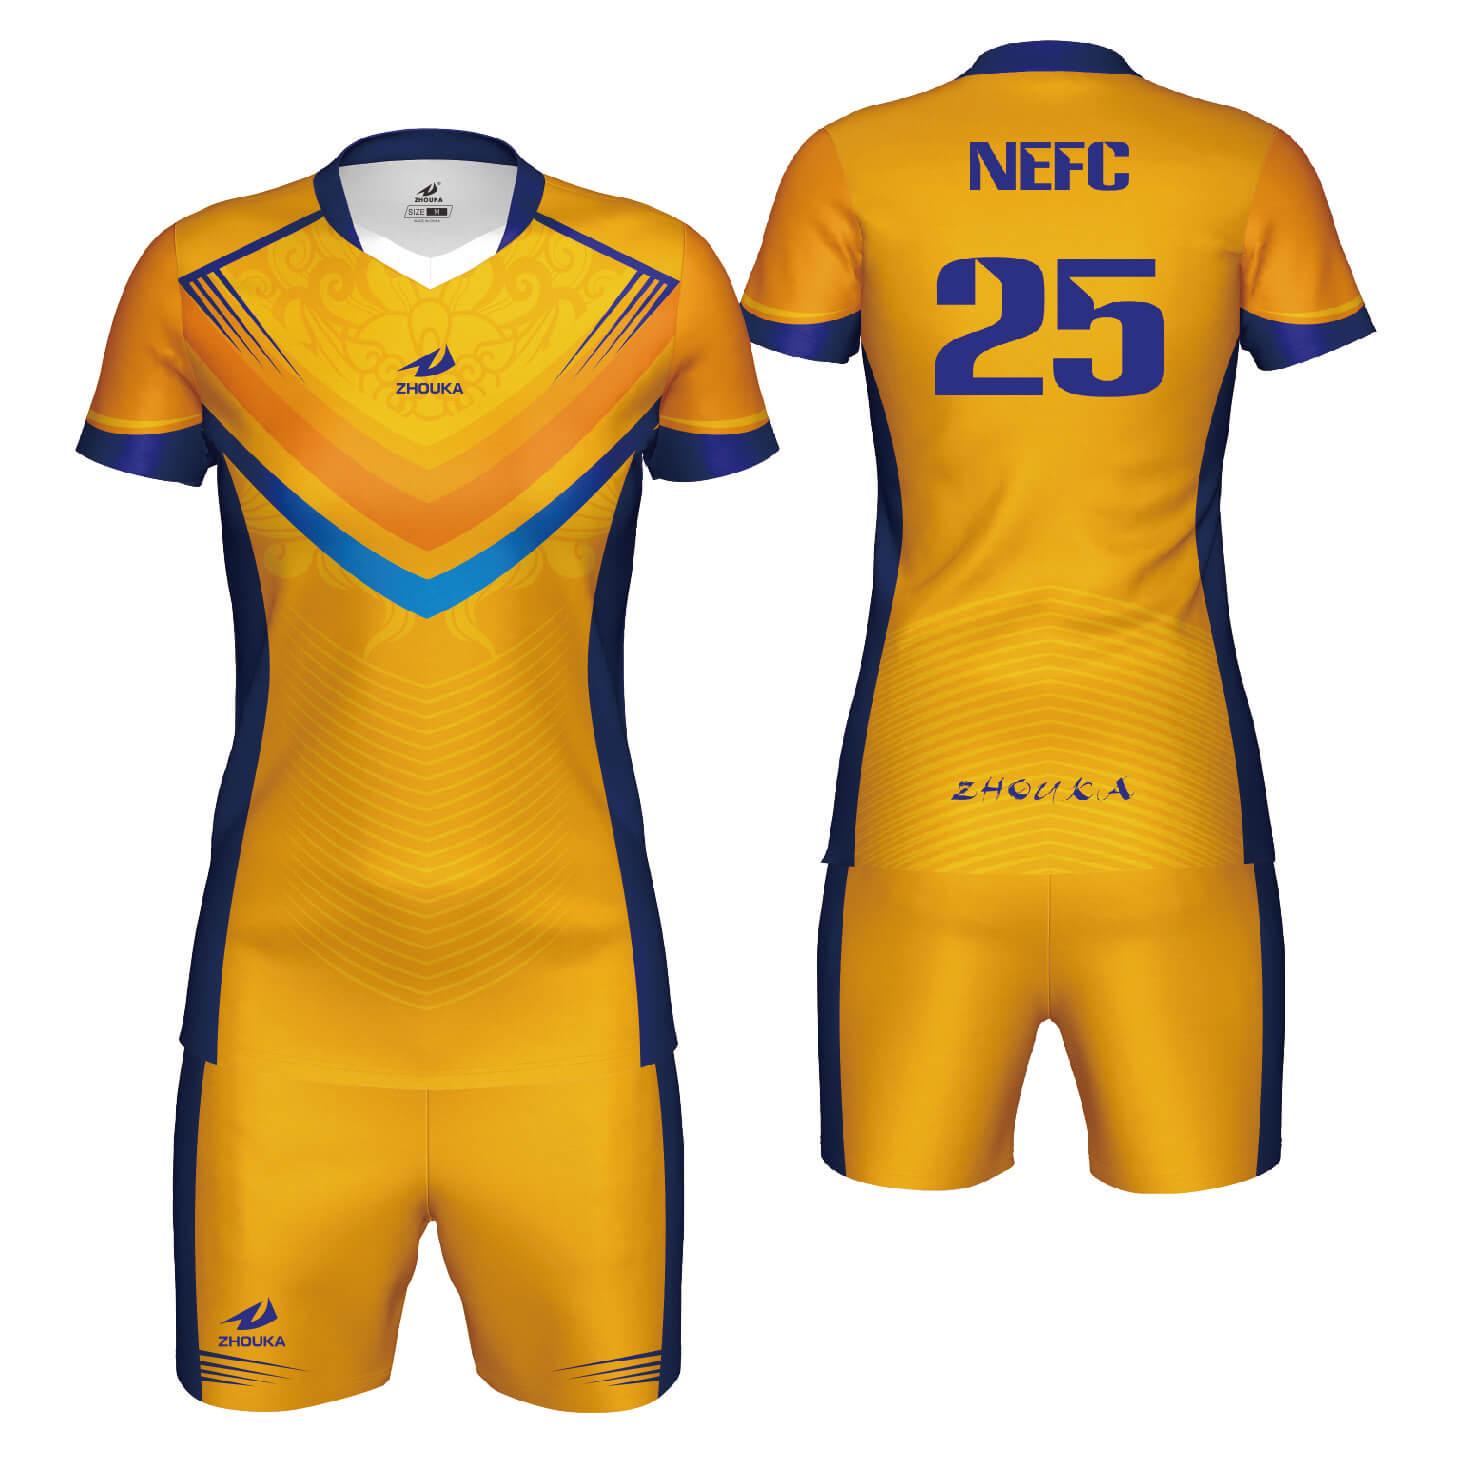 女排球服比赛队服名称和号码定制球衣专业排球服通风训练服